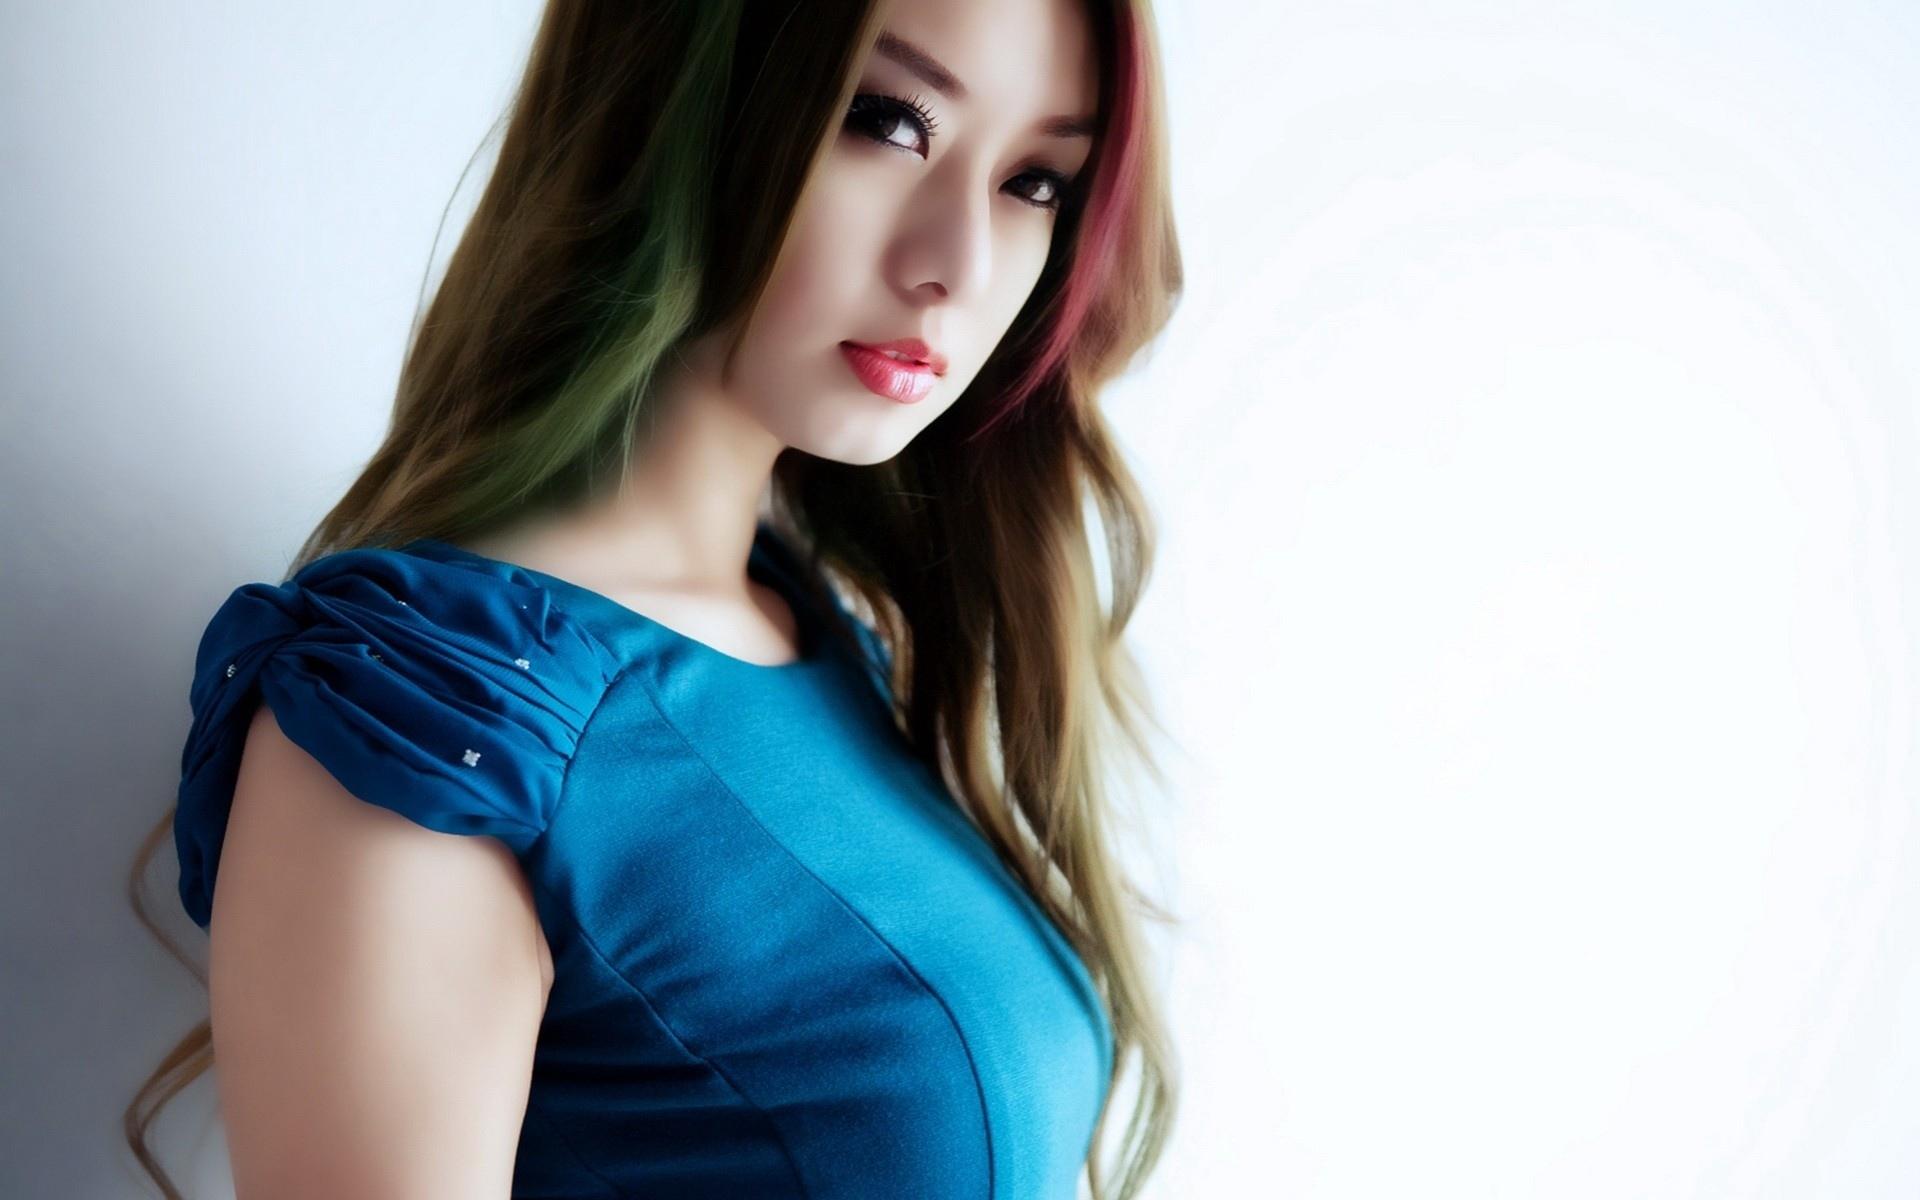 Фото красивых азиатских знаменитостей девушек 6 фотография